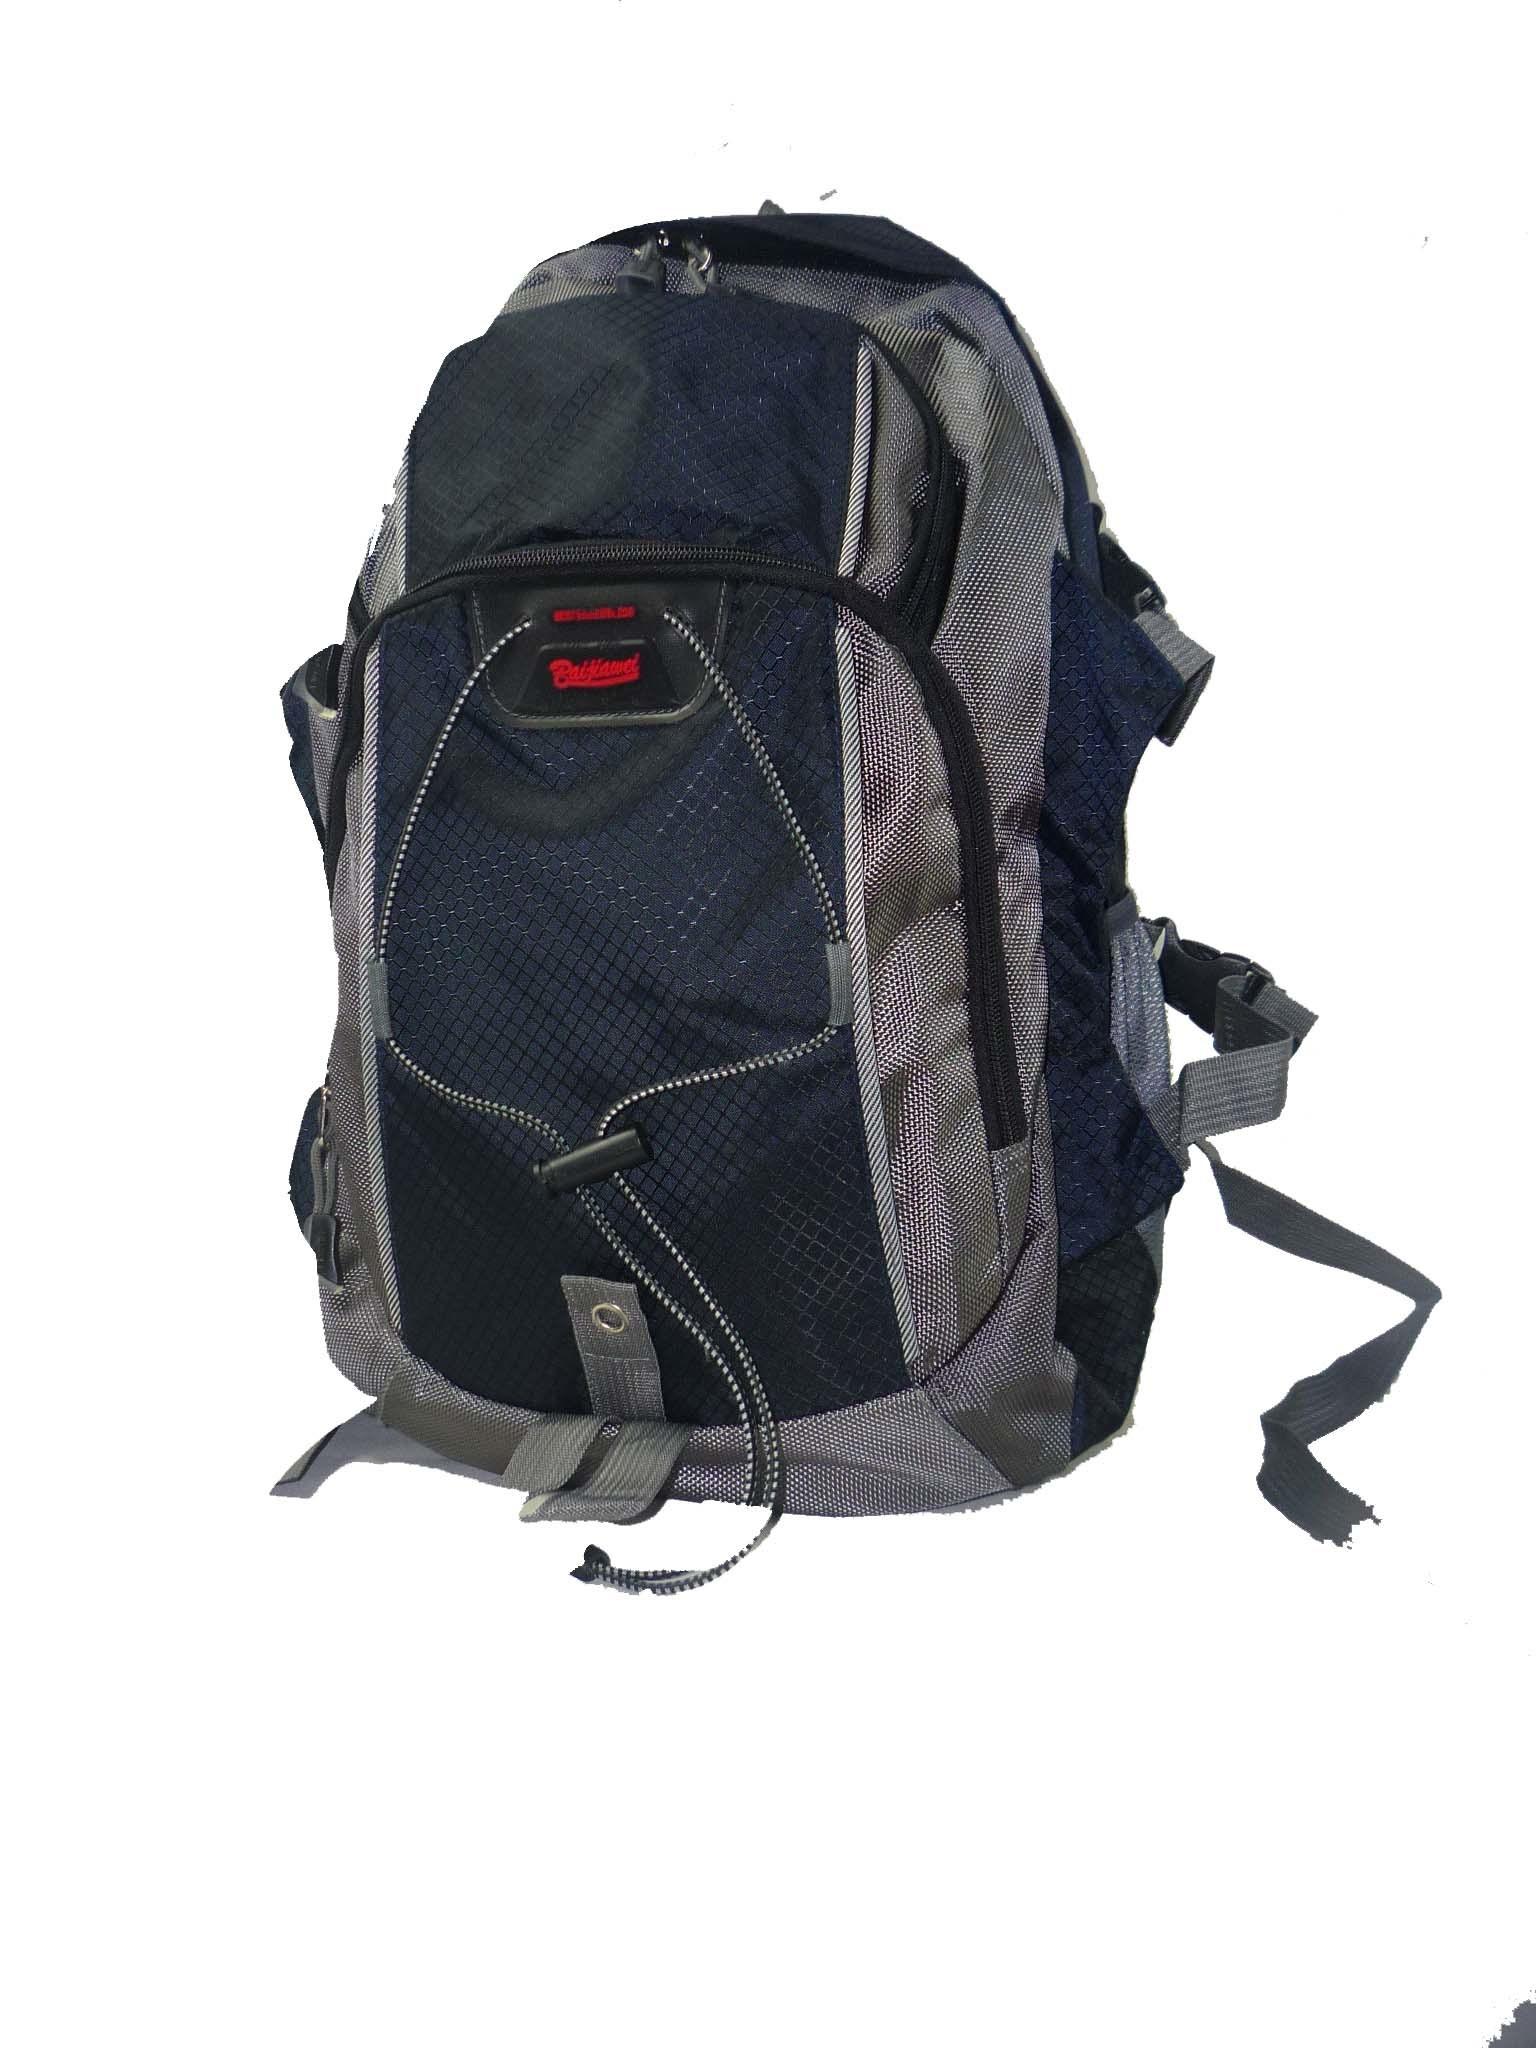 Bag (LL-083) - China school bag, duffel bag, travel bag e0a5f84ad8